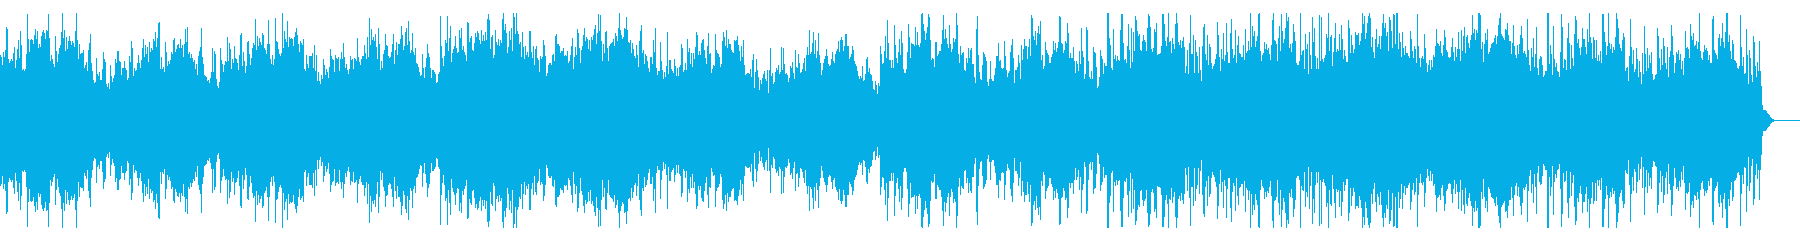 陰鬱なアンビエントテクスチャIDMの再生済みの波形